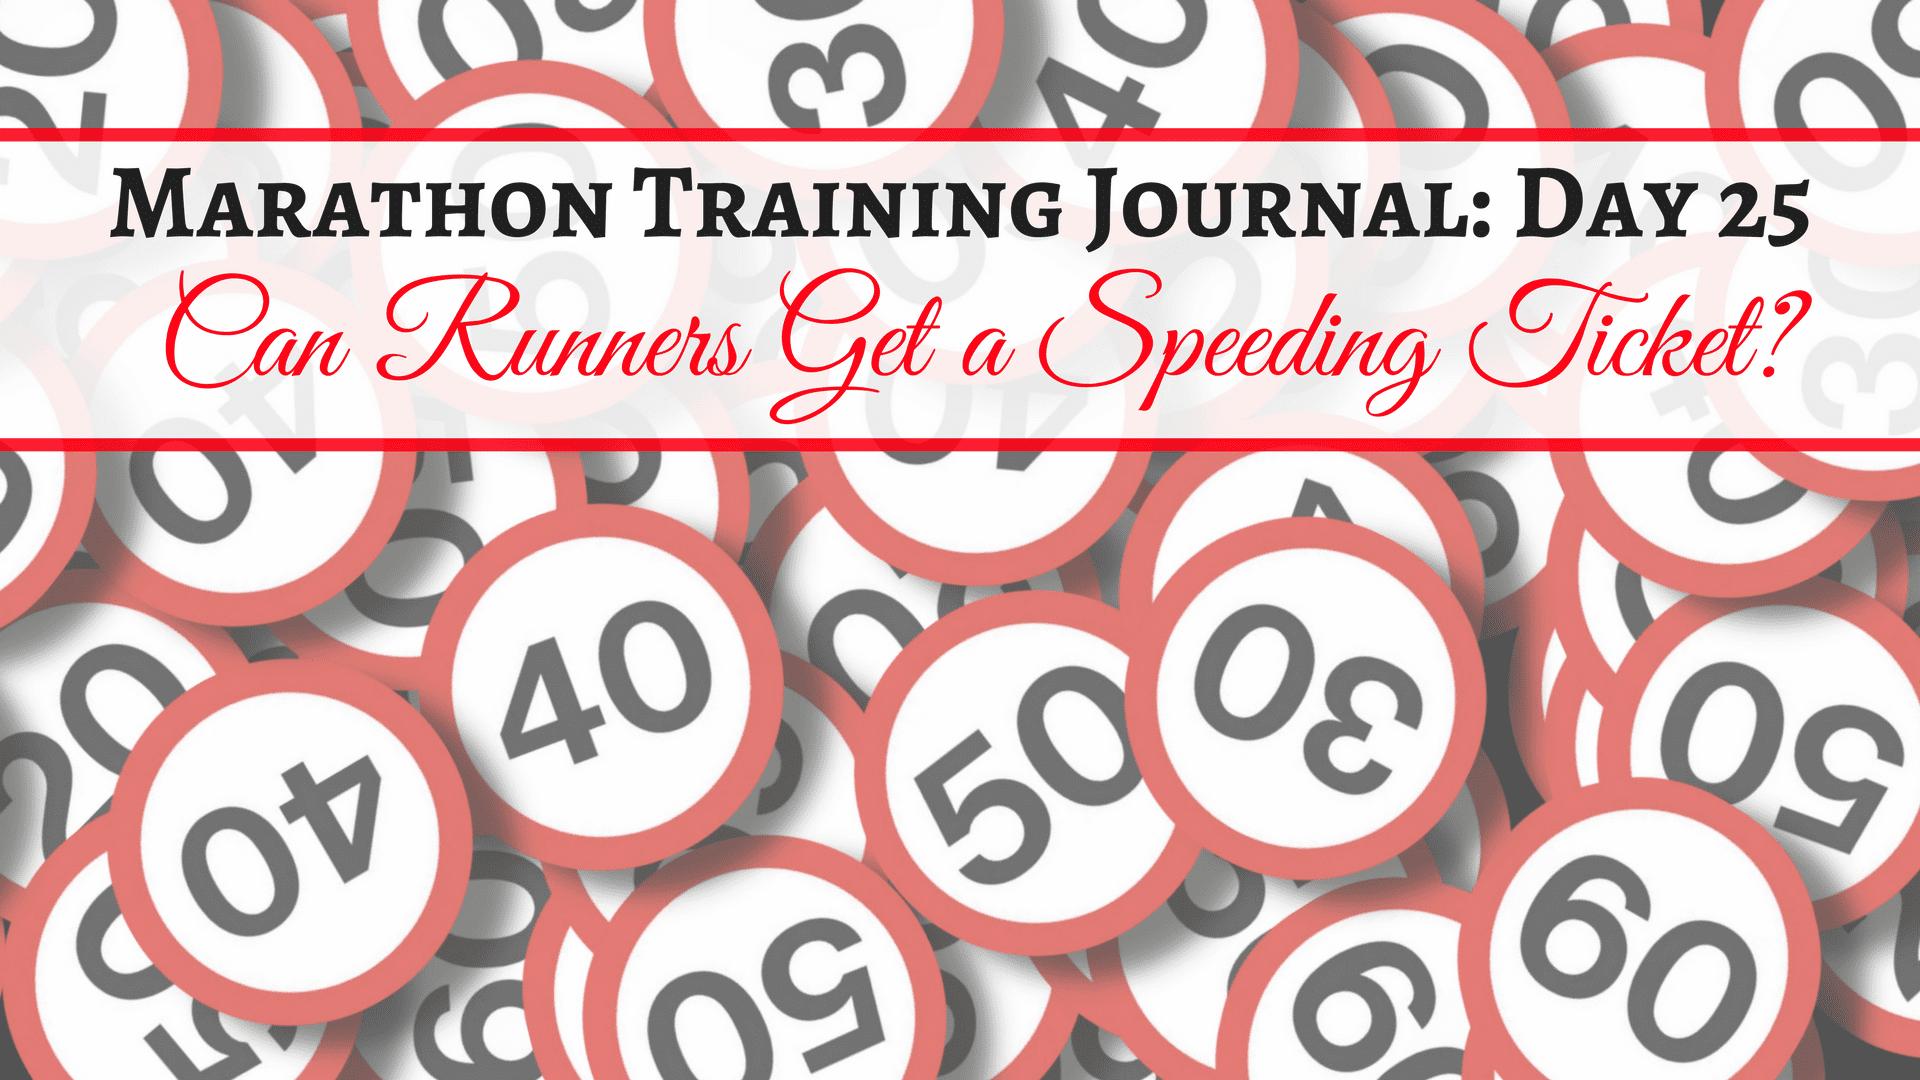 Marathon Training Journal- Day 25